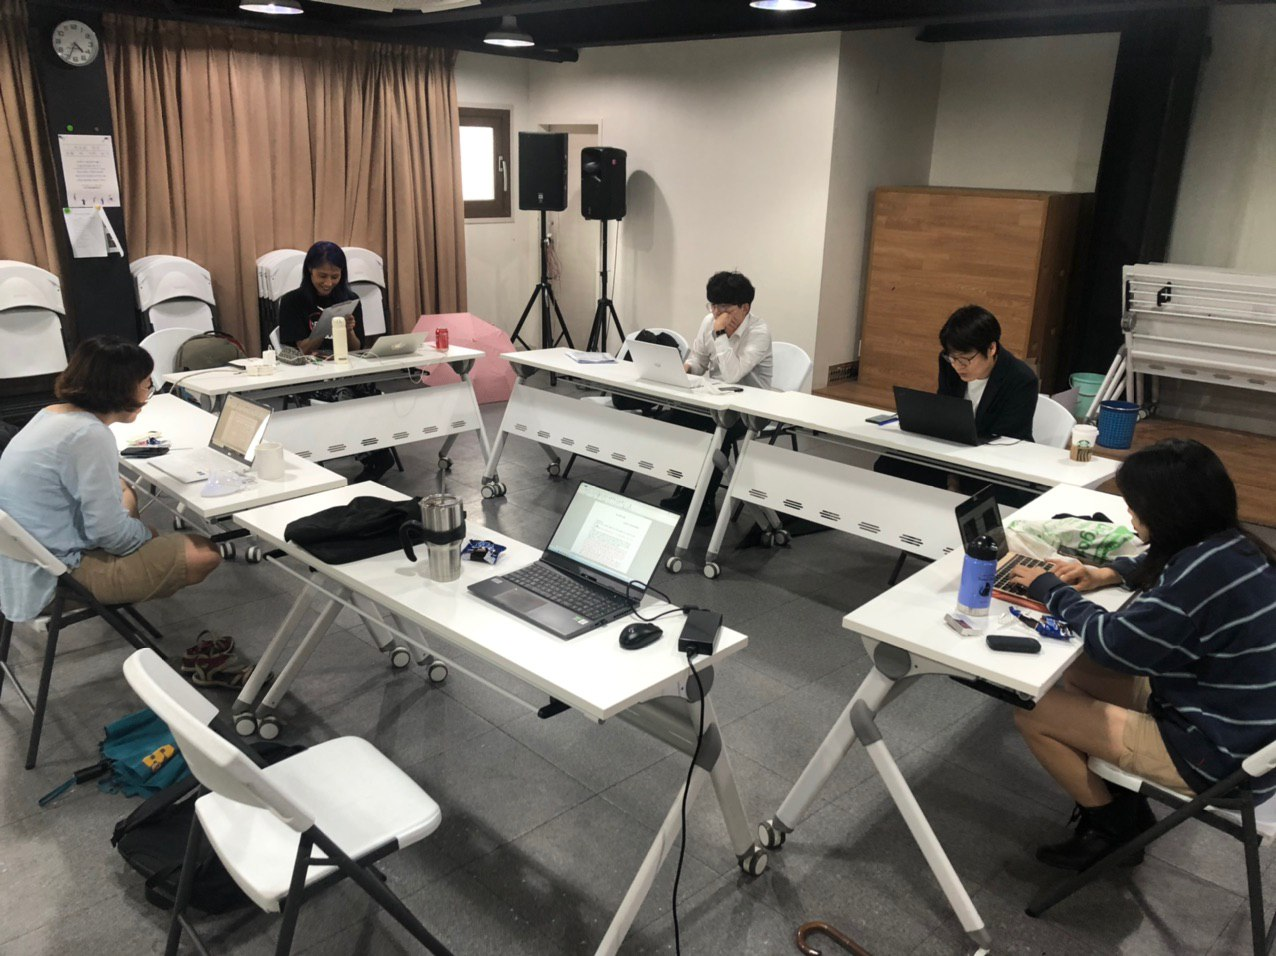 인권재단사람 한터홀에서 진행한 8월 회의 모습. 긴 테이블을 직사각형 모양으로 이어 붙였다. 다섯 명의 활동가들이 자리를 한 칸씩 띄어 테이블 하나에 한 명씩 앉아있다.